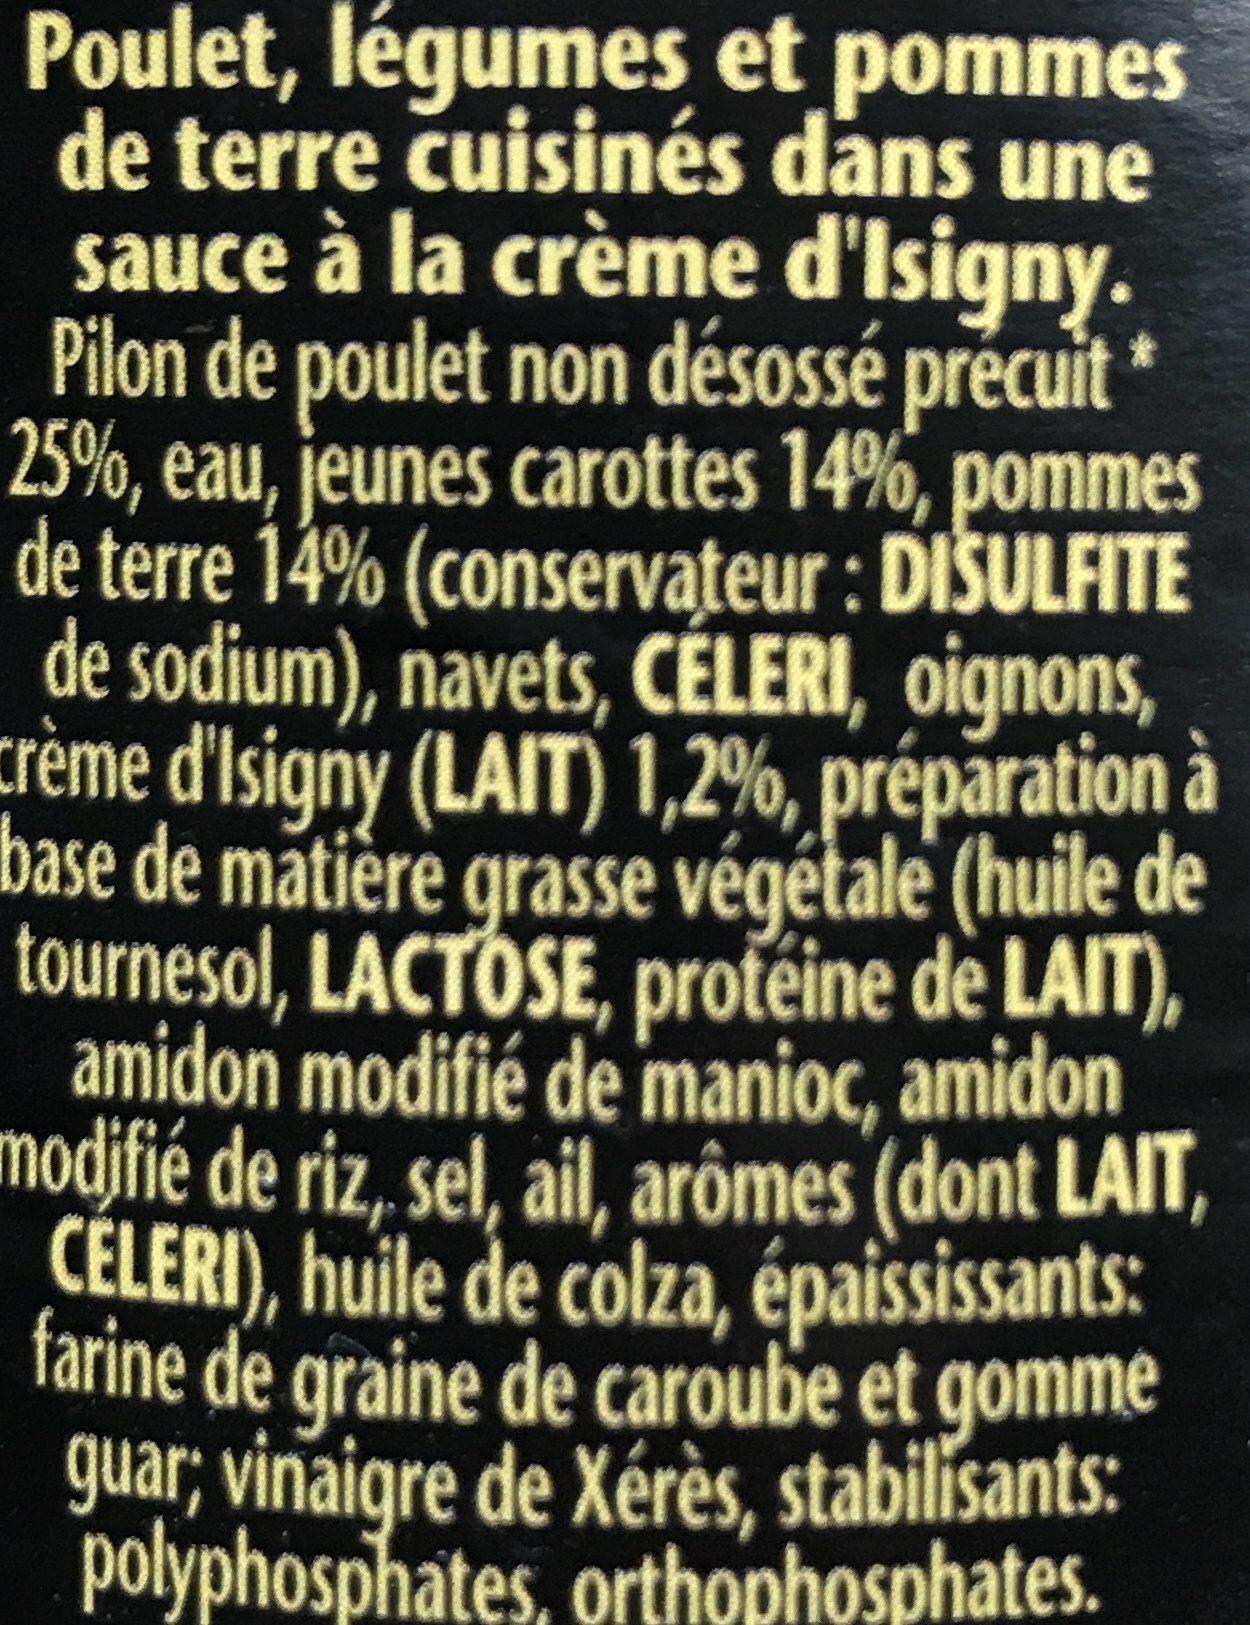 Volaille à la Crème d'Isigny et jeunes carottes - Ingrédients